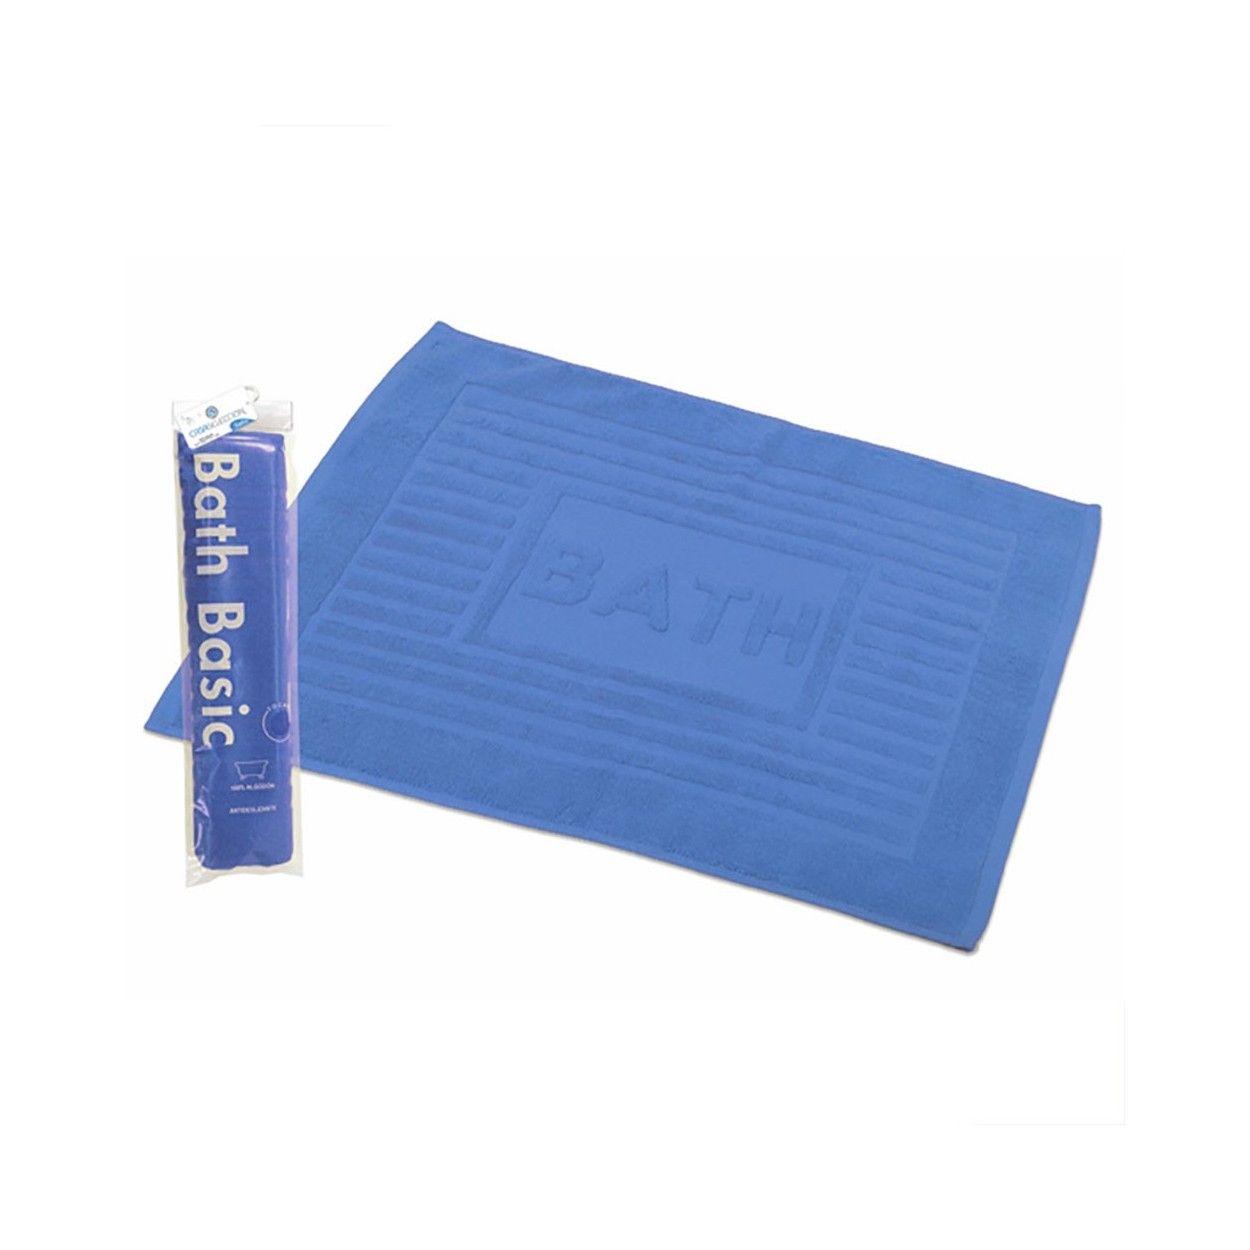 Alfombra para ba o algod n azul 45x65 hogar y m s - Alfombras para bano ...